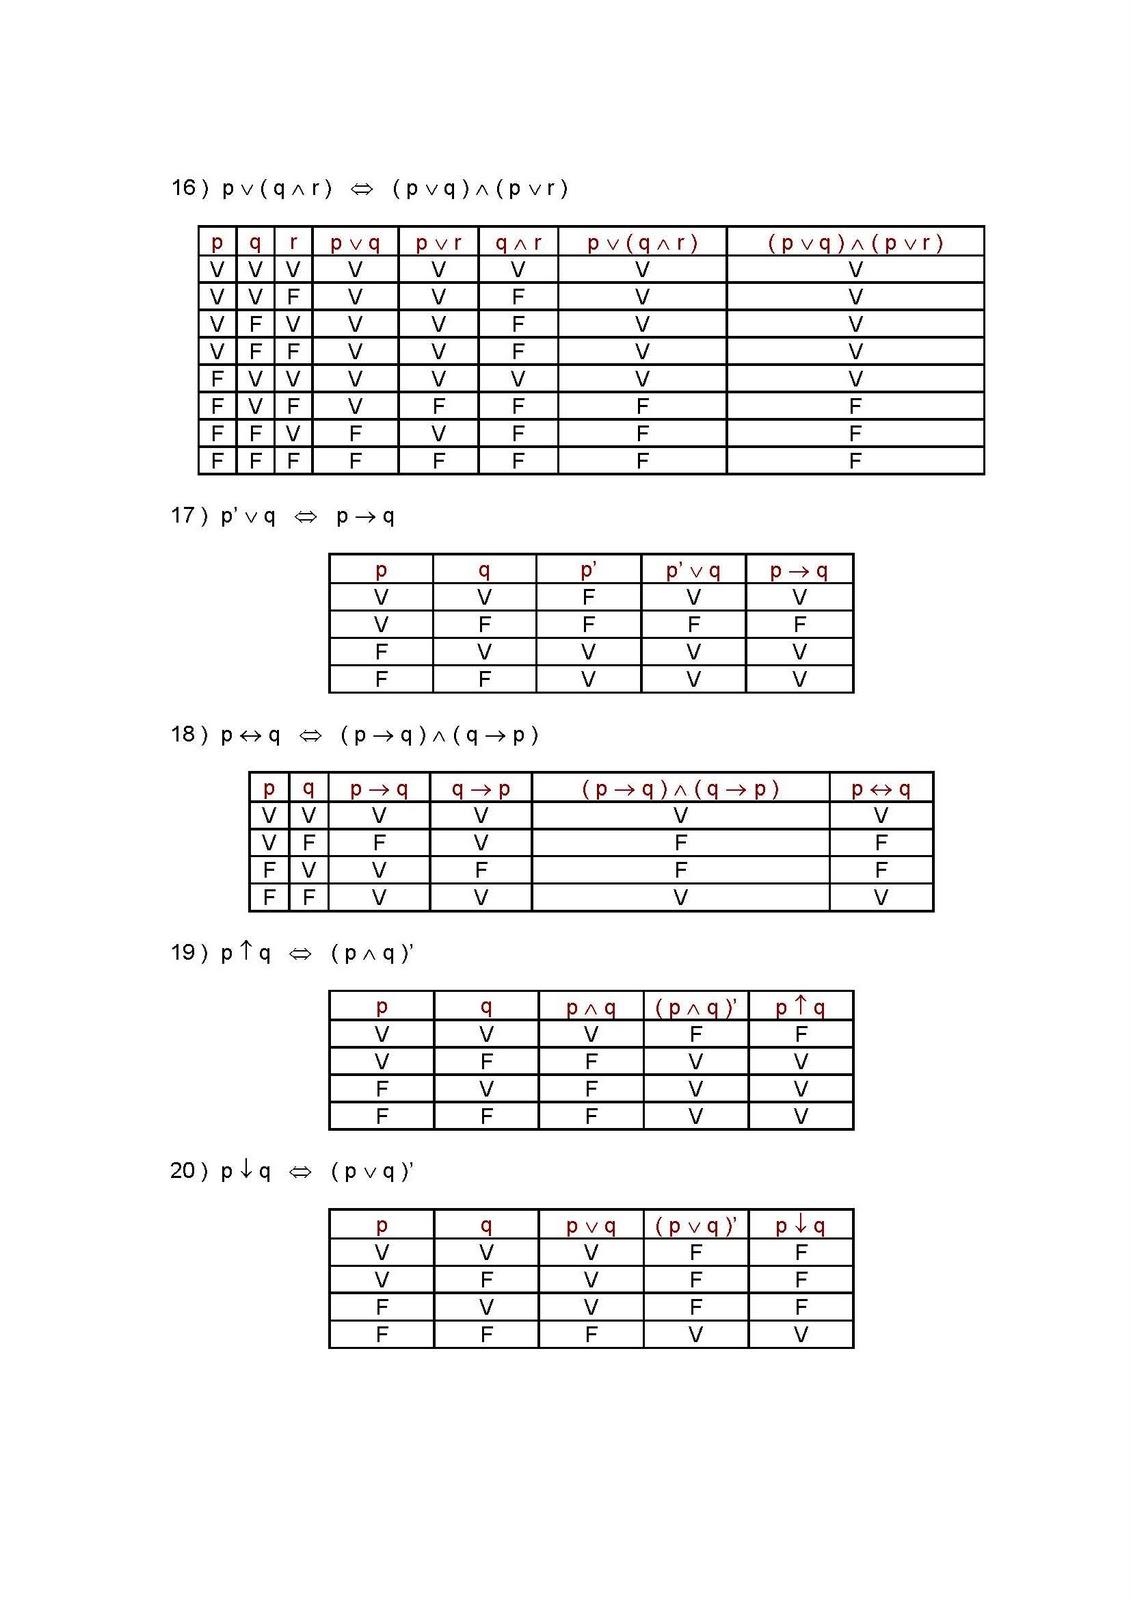 ejercicios matematica 5: